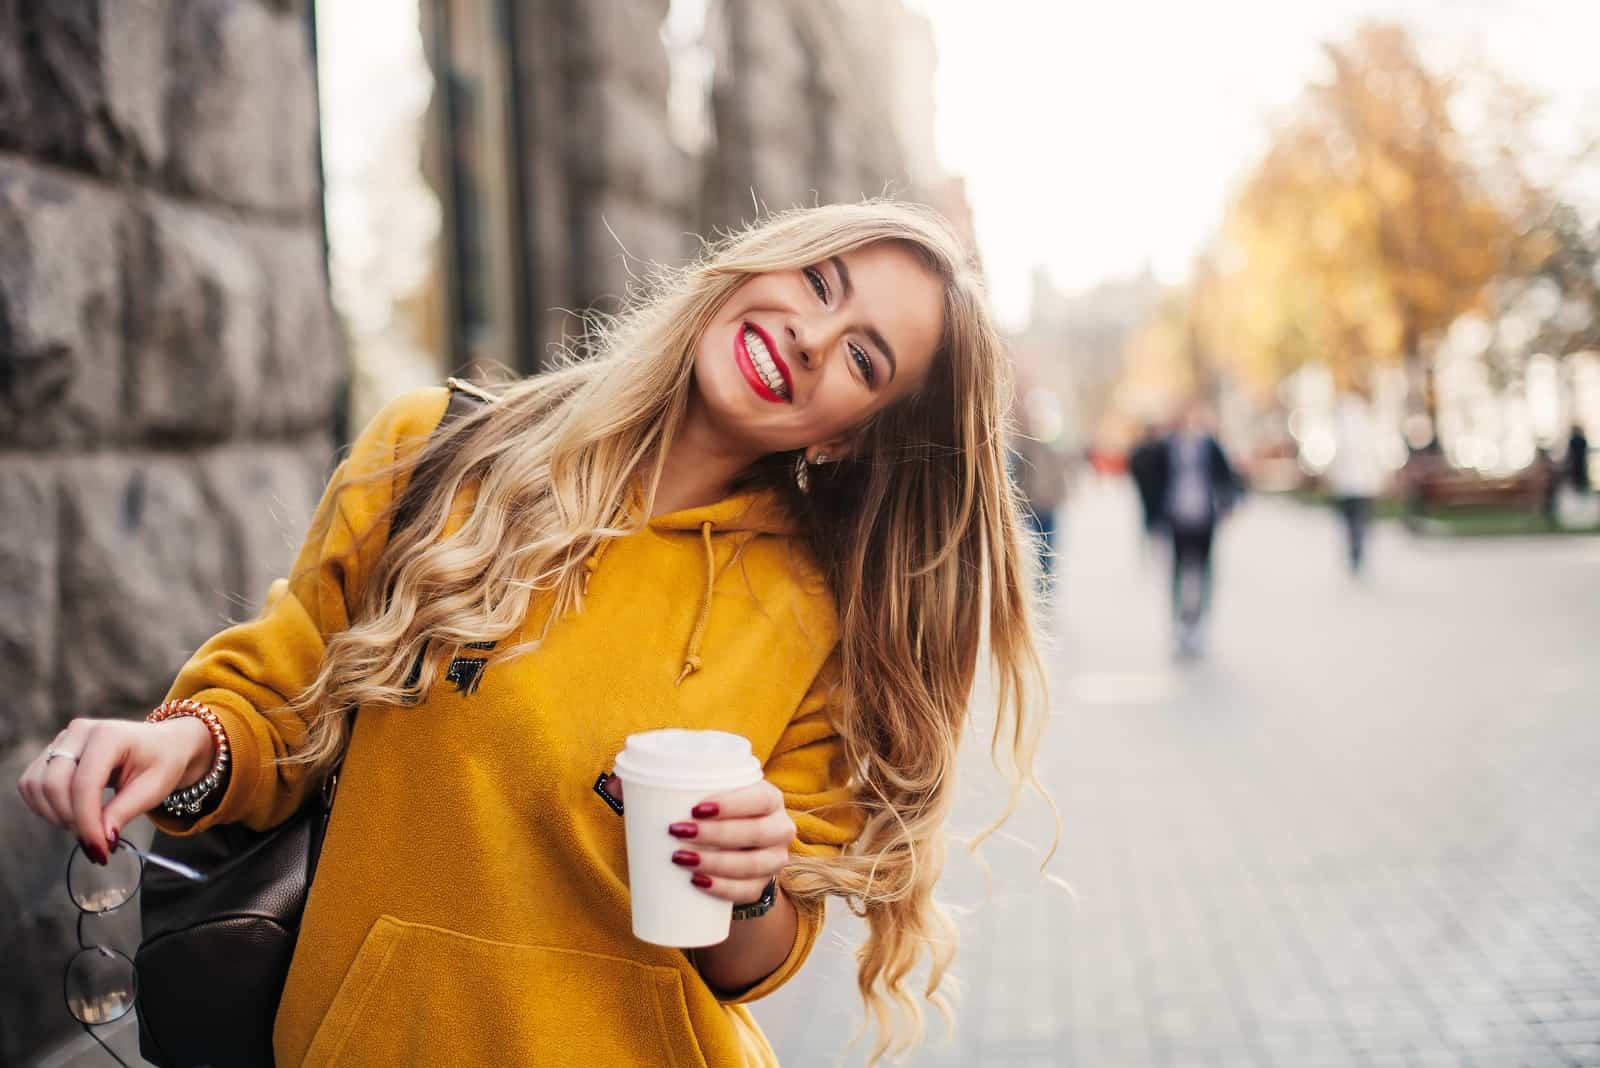 une femme avec du café à la main rit